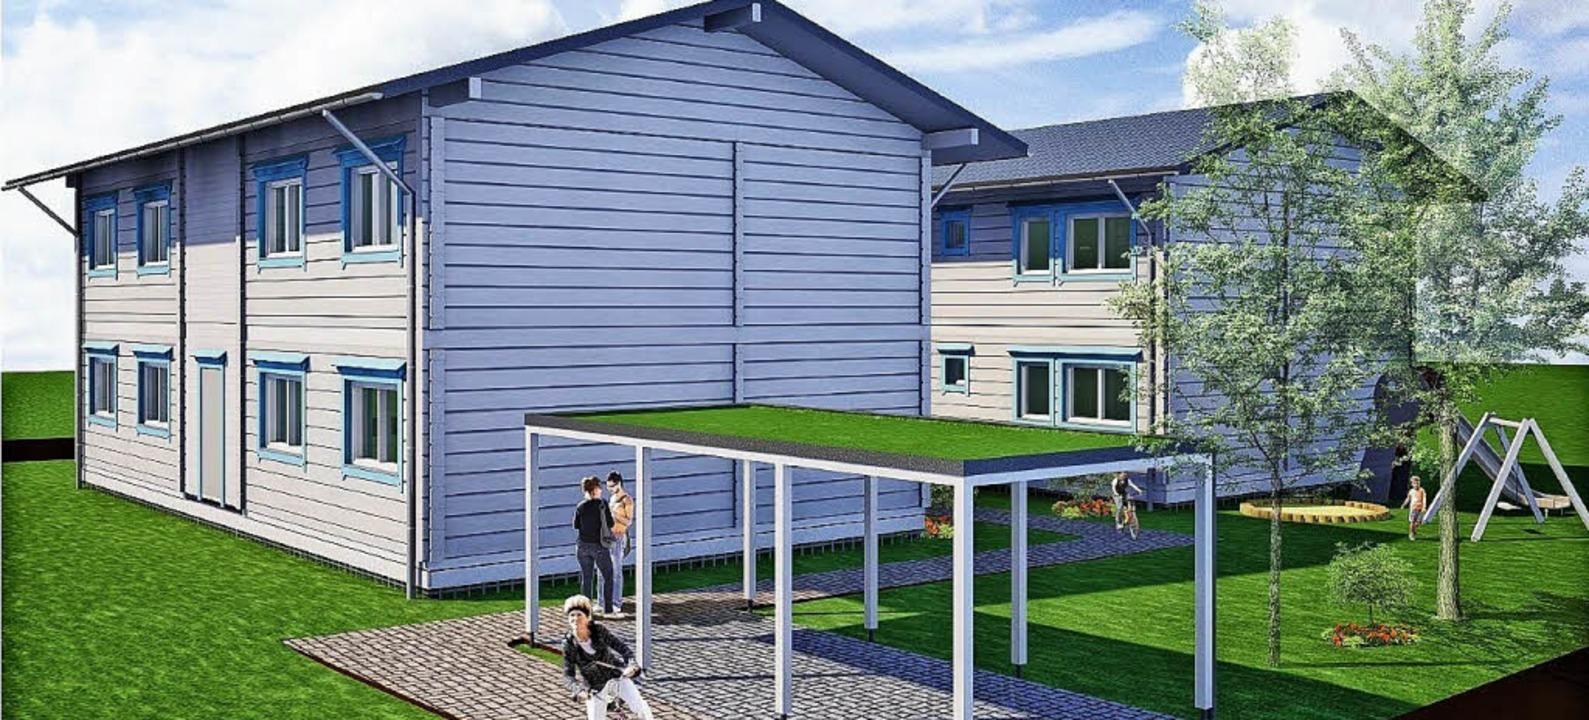 Holzhäuser mit hellblauen Fensterrahme...en die Unterkünfte in Stegen aussehen.  | Foto: HONKA Service Center Süd